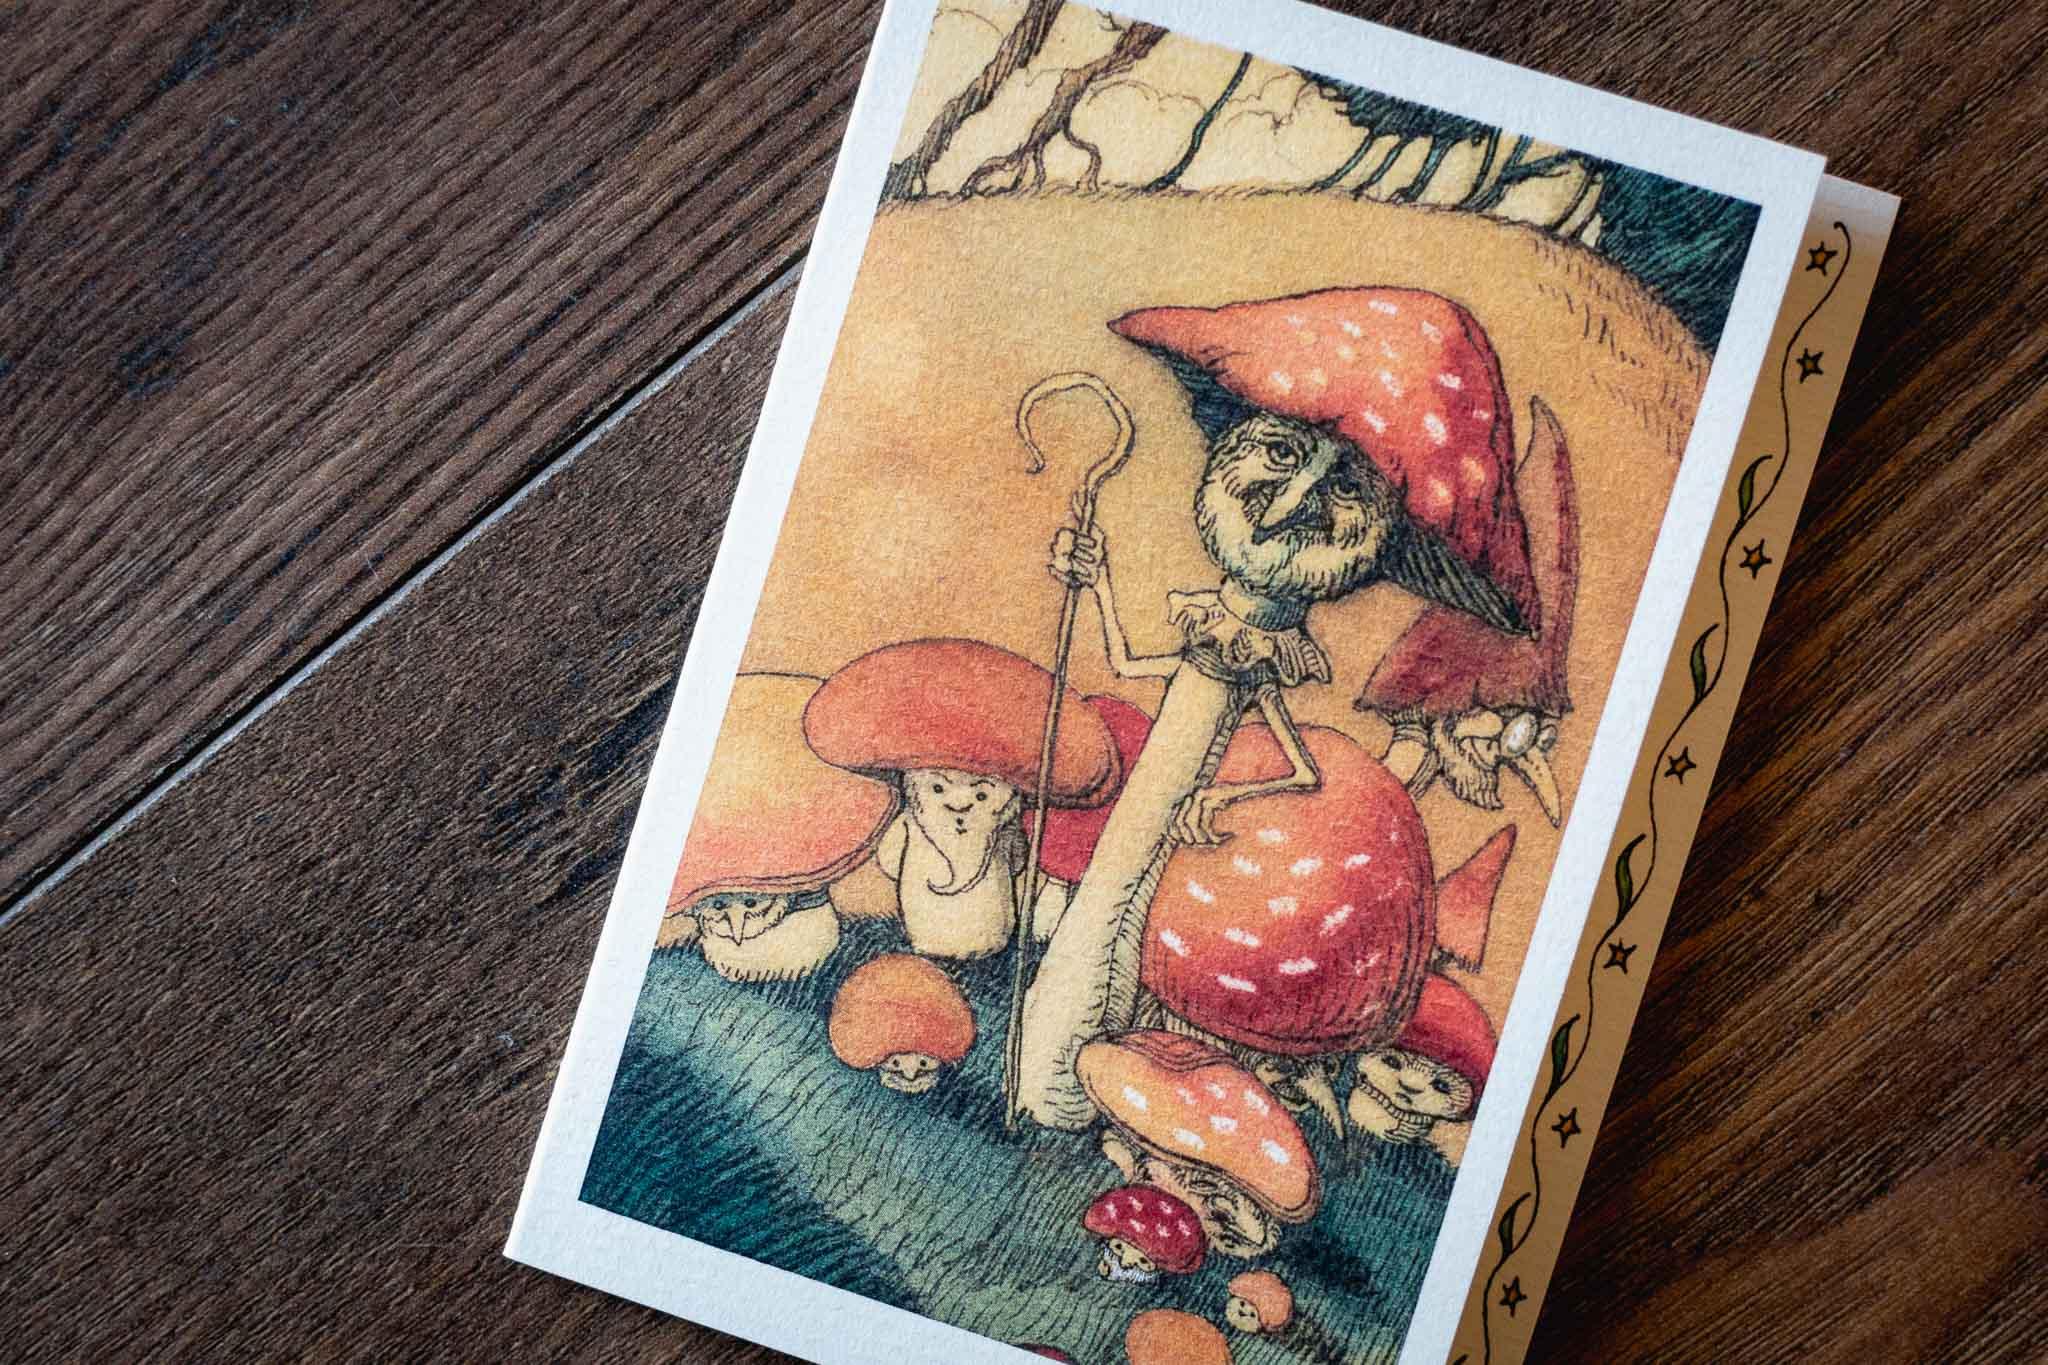 Small Greeting Card by Charles van Sandwyk (Set of 3)